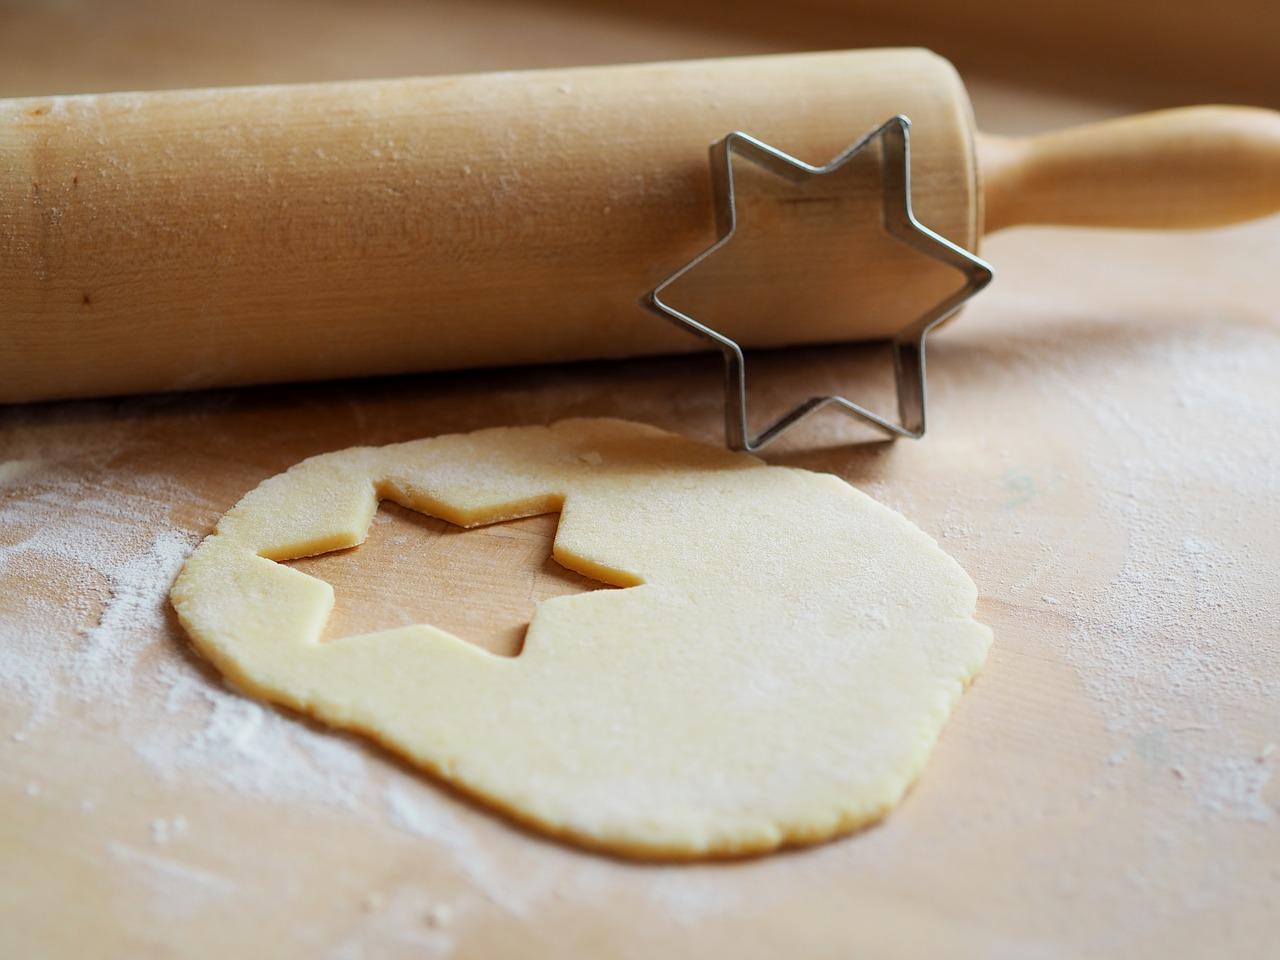 biscotti-bambini-matteo-andolfo-corso-bambini-pasticceri